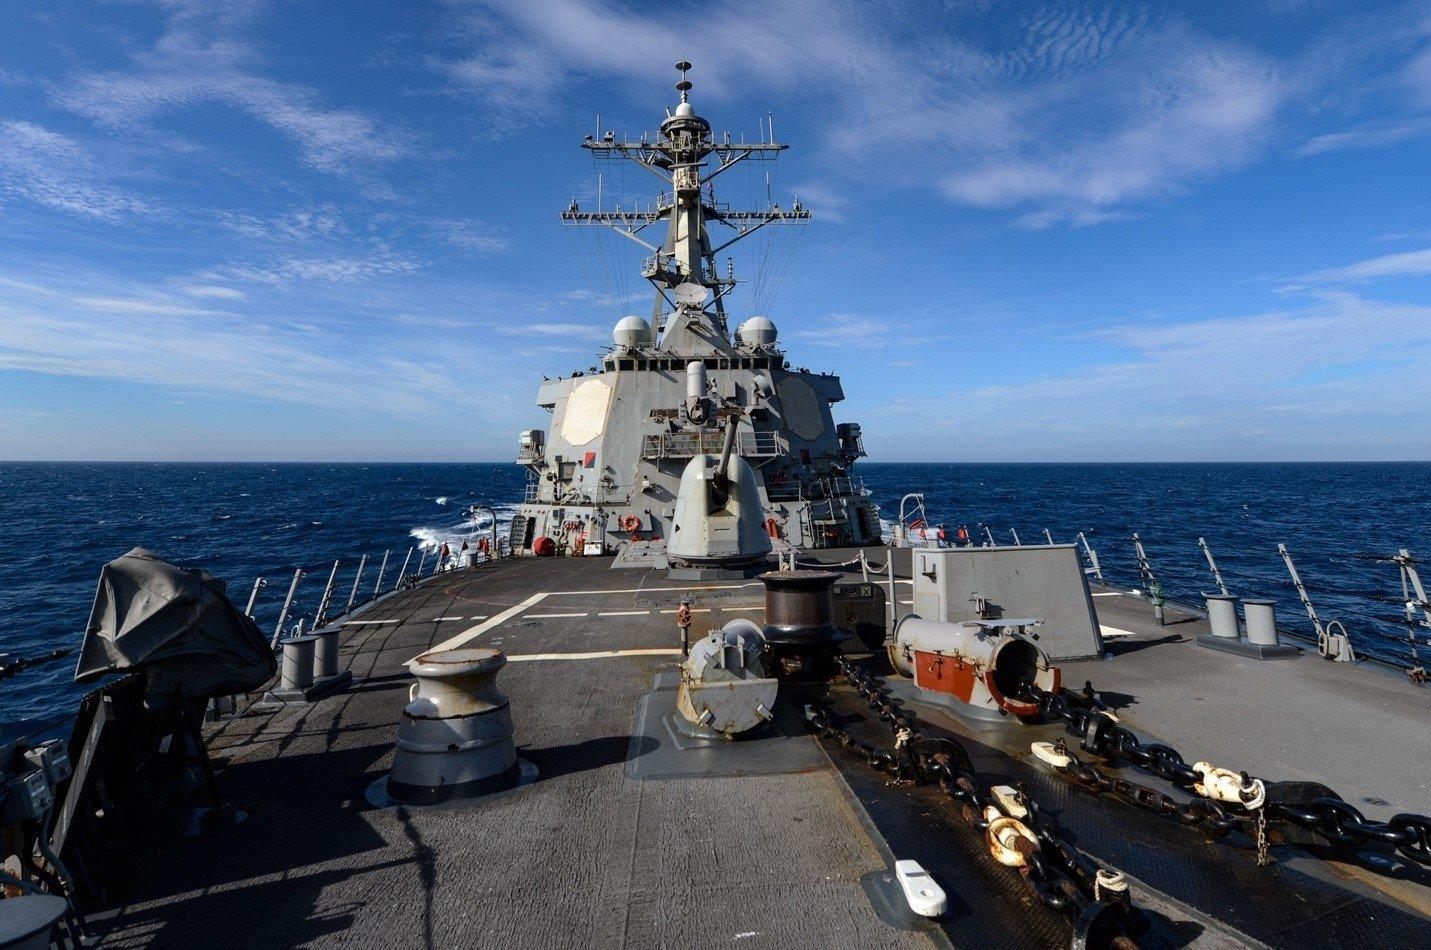 2020年6月4日,美國海軍拉塞爾號(US Russell)阿利・伯克級驅逐艦穿越台灣海峽。(U.S. Navy photo by Mass Communication Specialist 3rd Class Sean Lynch/Released)